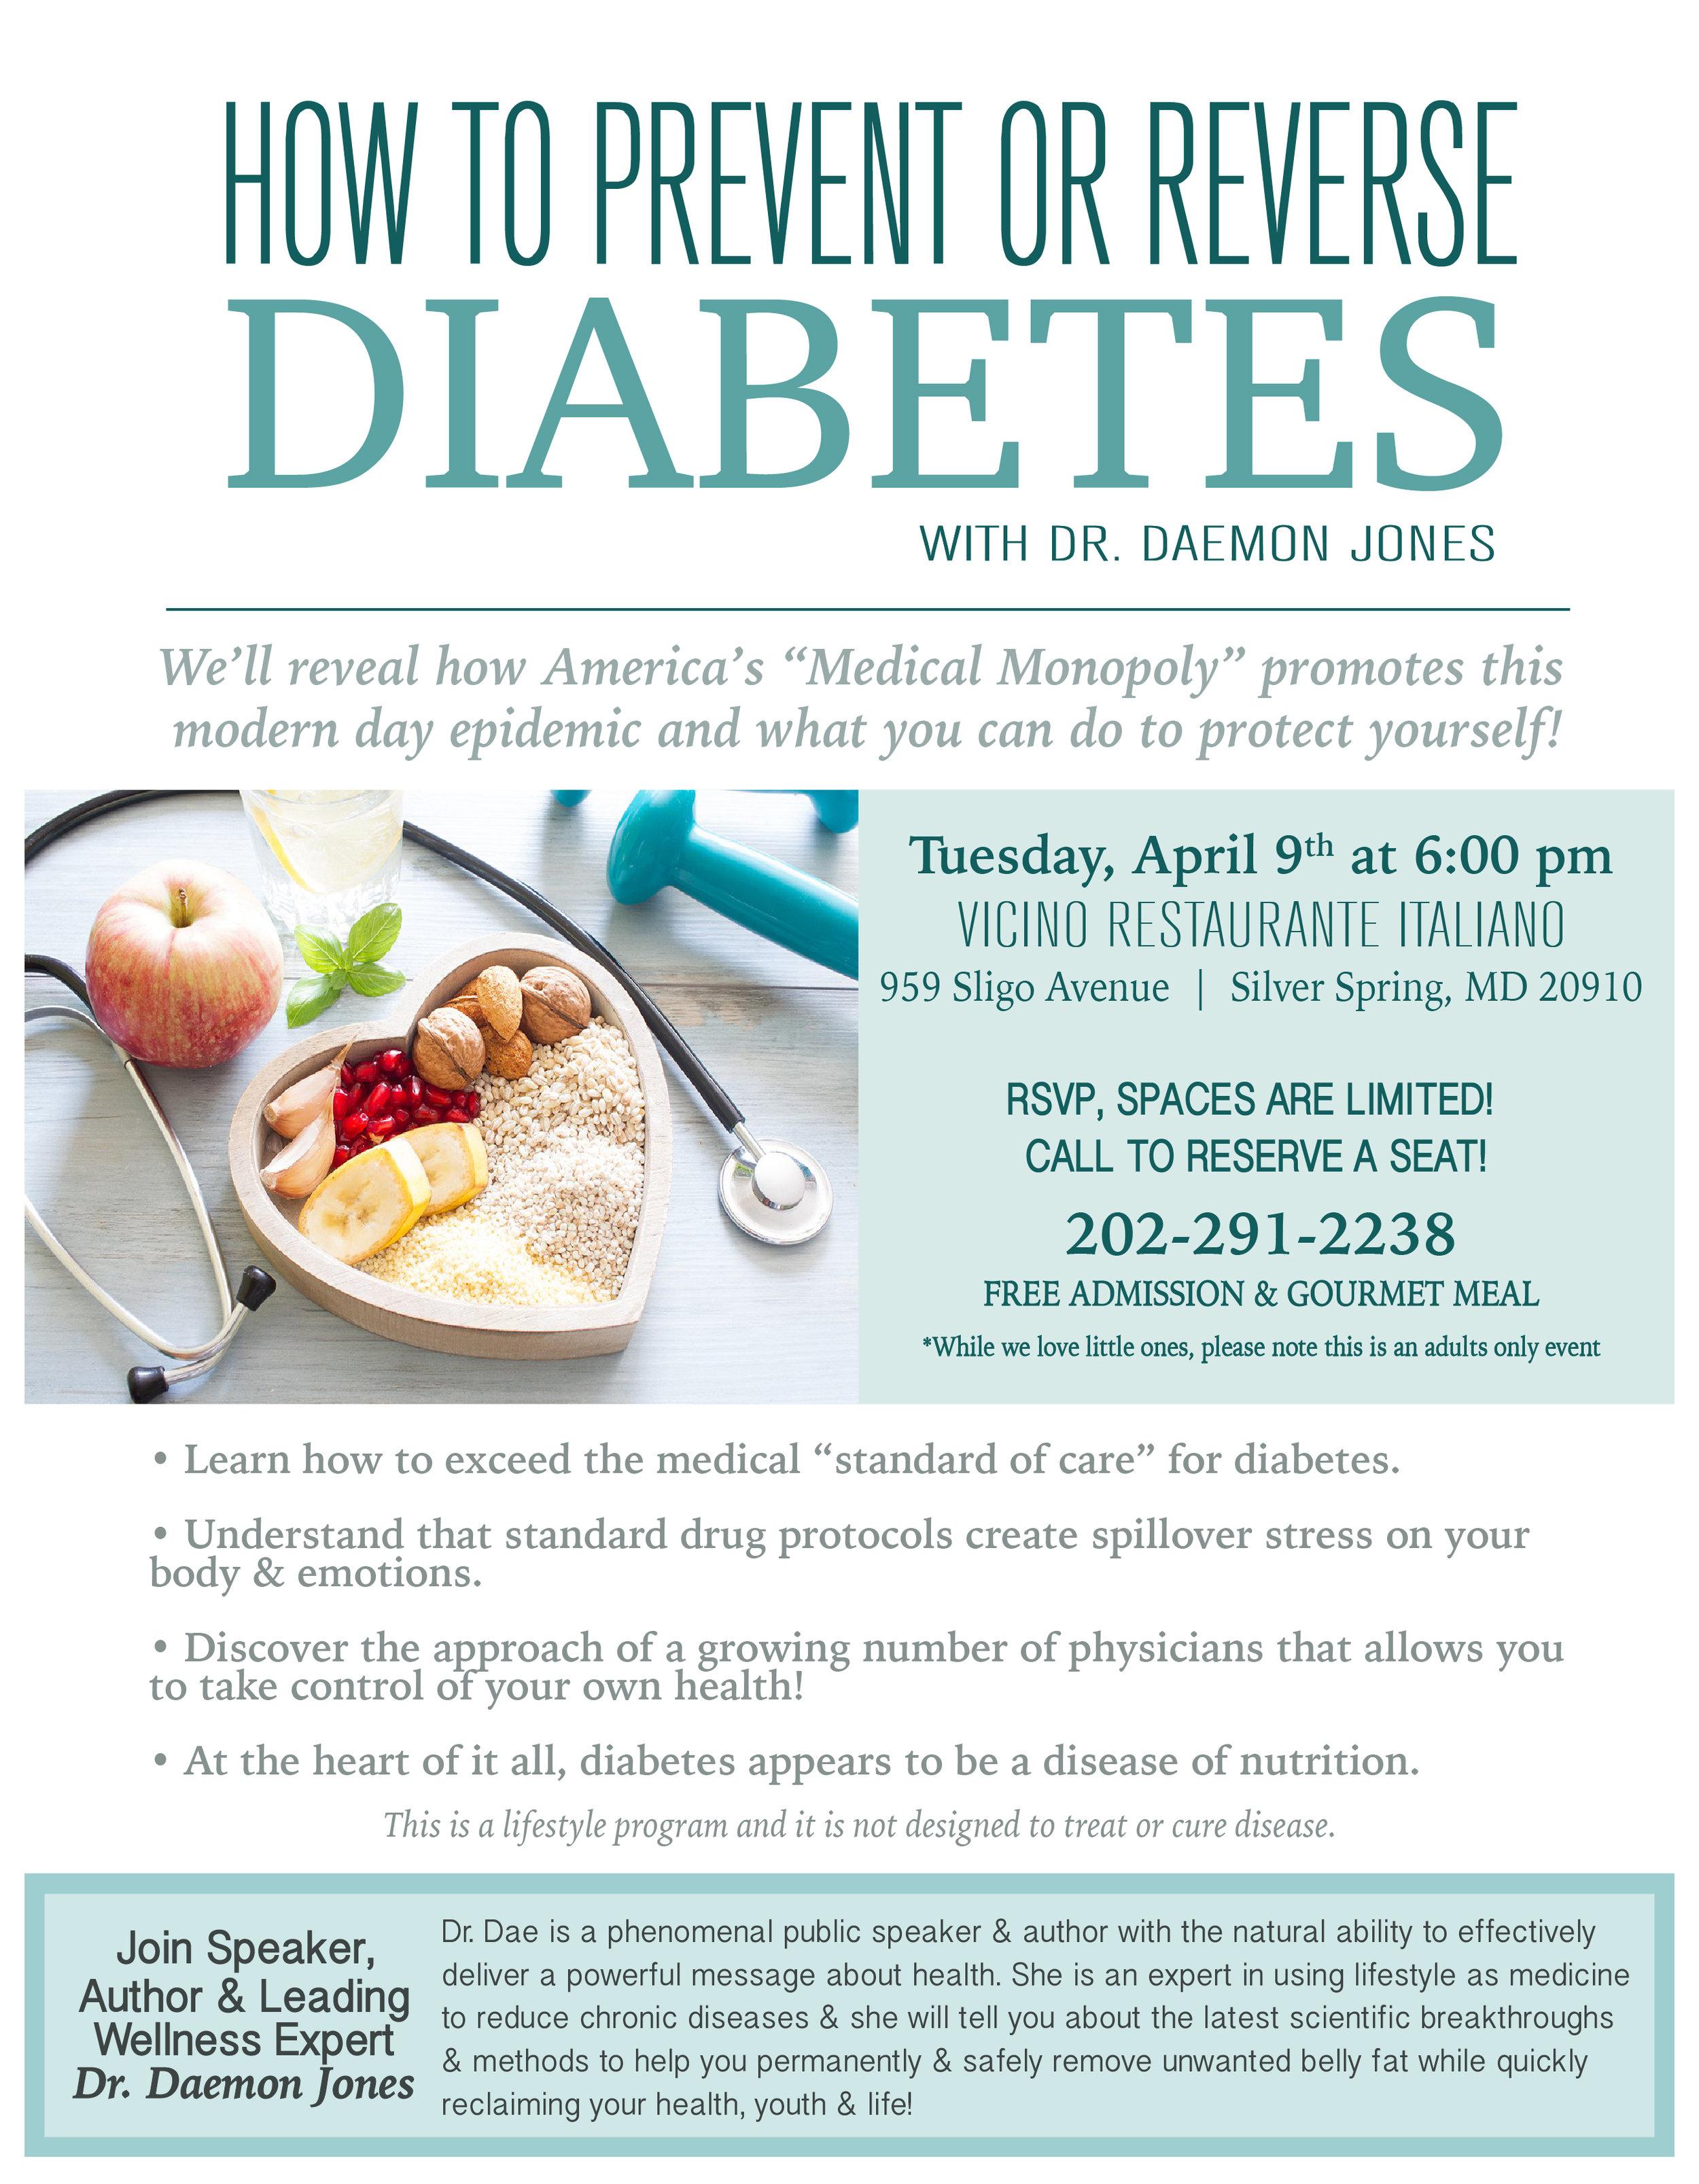 DiabetesSeminar-apr9-01 (1).jpg